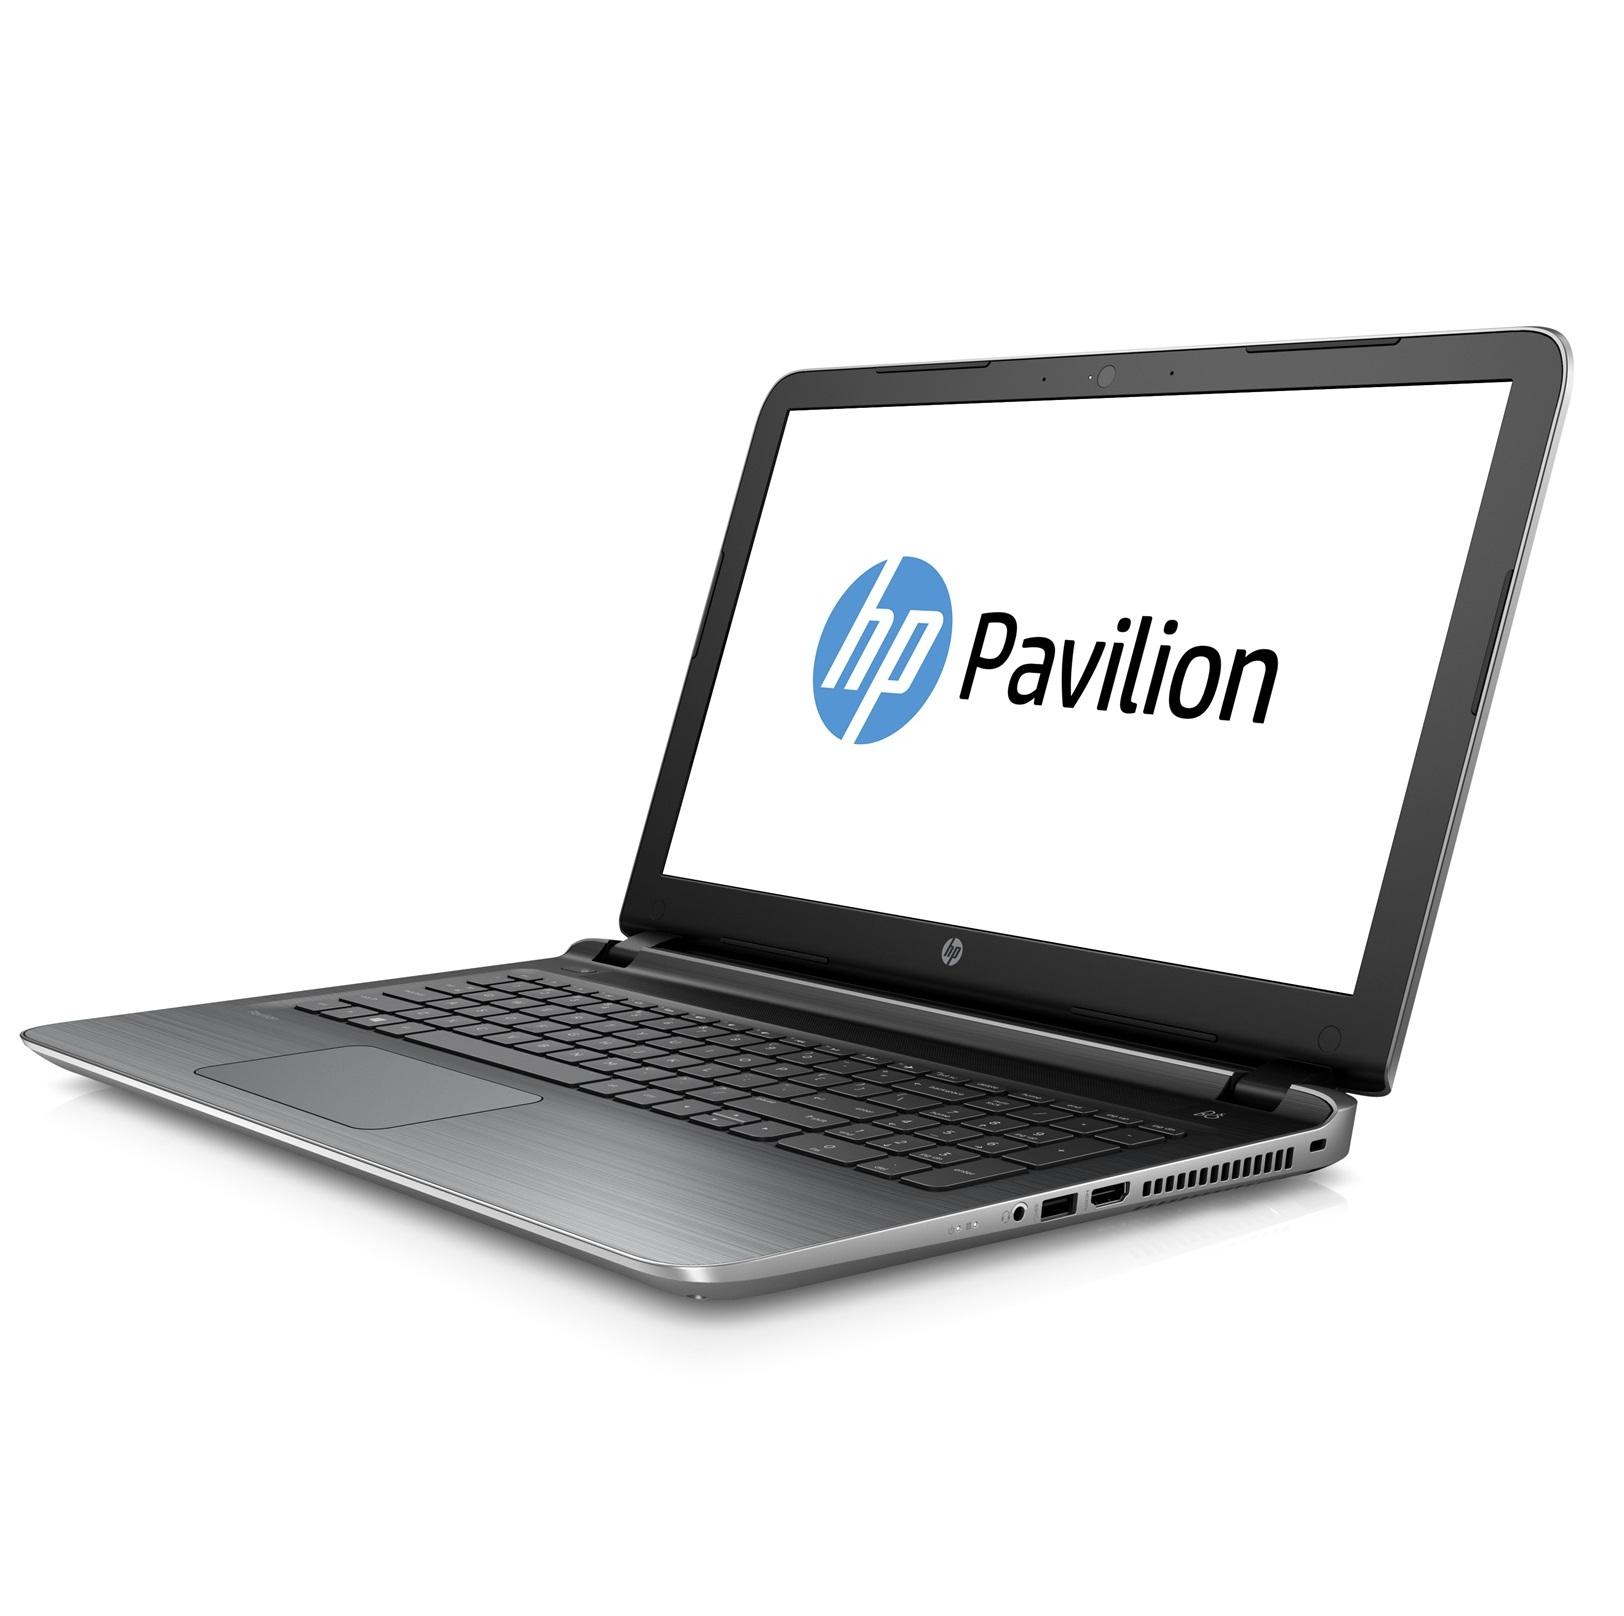 Laptop HP Core i5 Pavilion 15 ab221TU P3V35PA - Silver